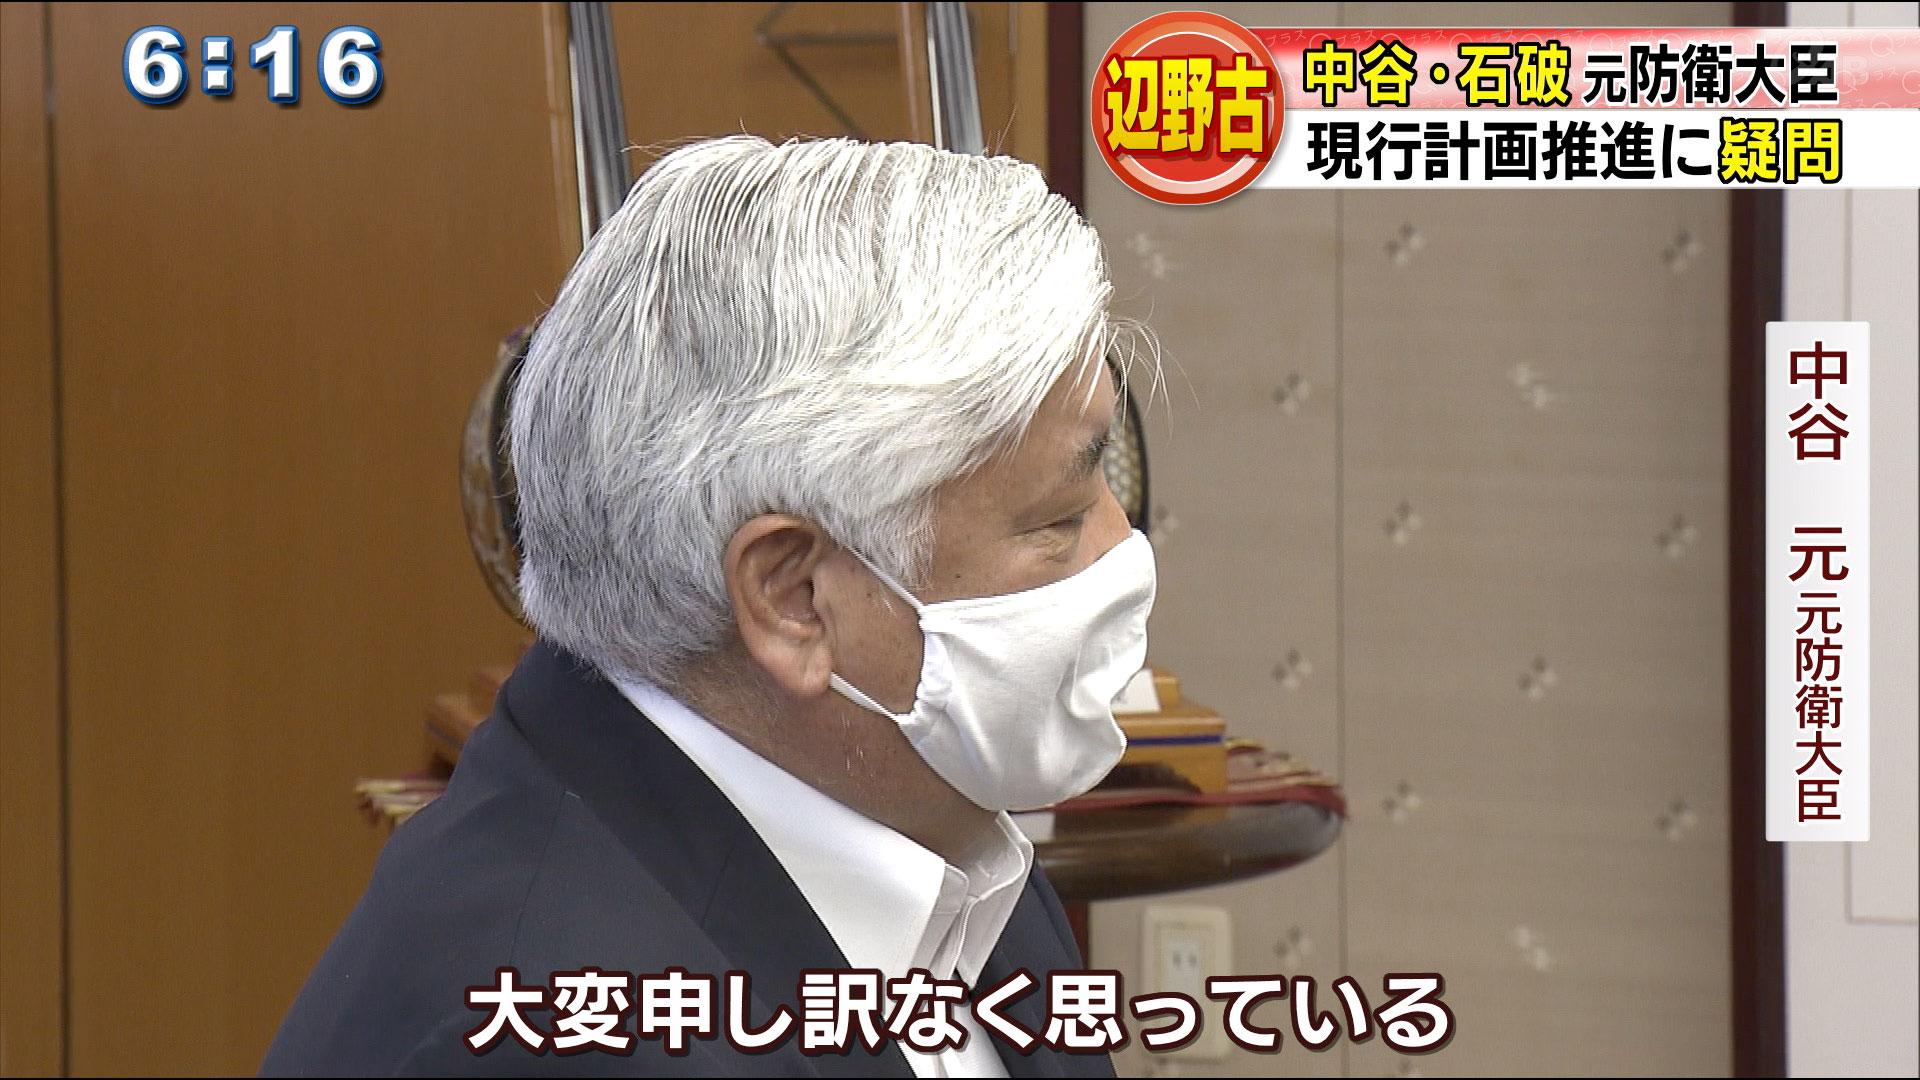 中谷元防衛大臣が知事と面談